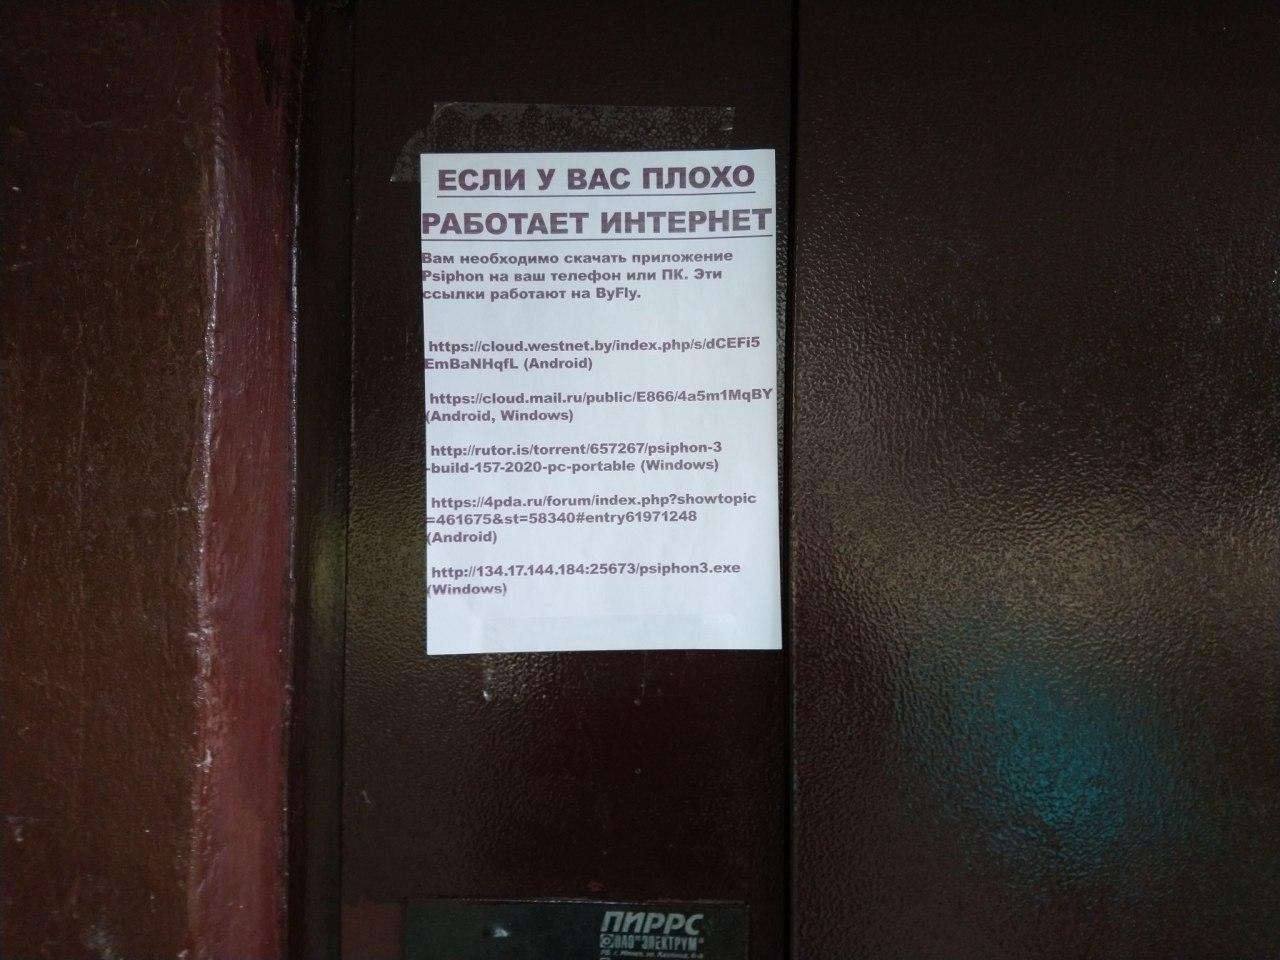 Объявление на двери одного из подъездов в Беларуси. Источник: Telegram-канал Palchys